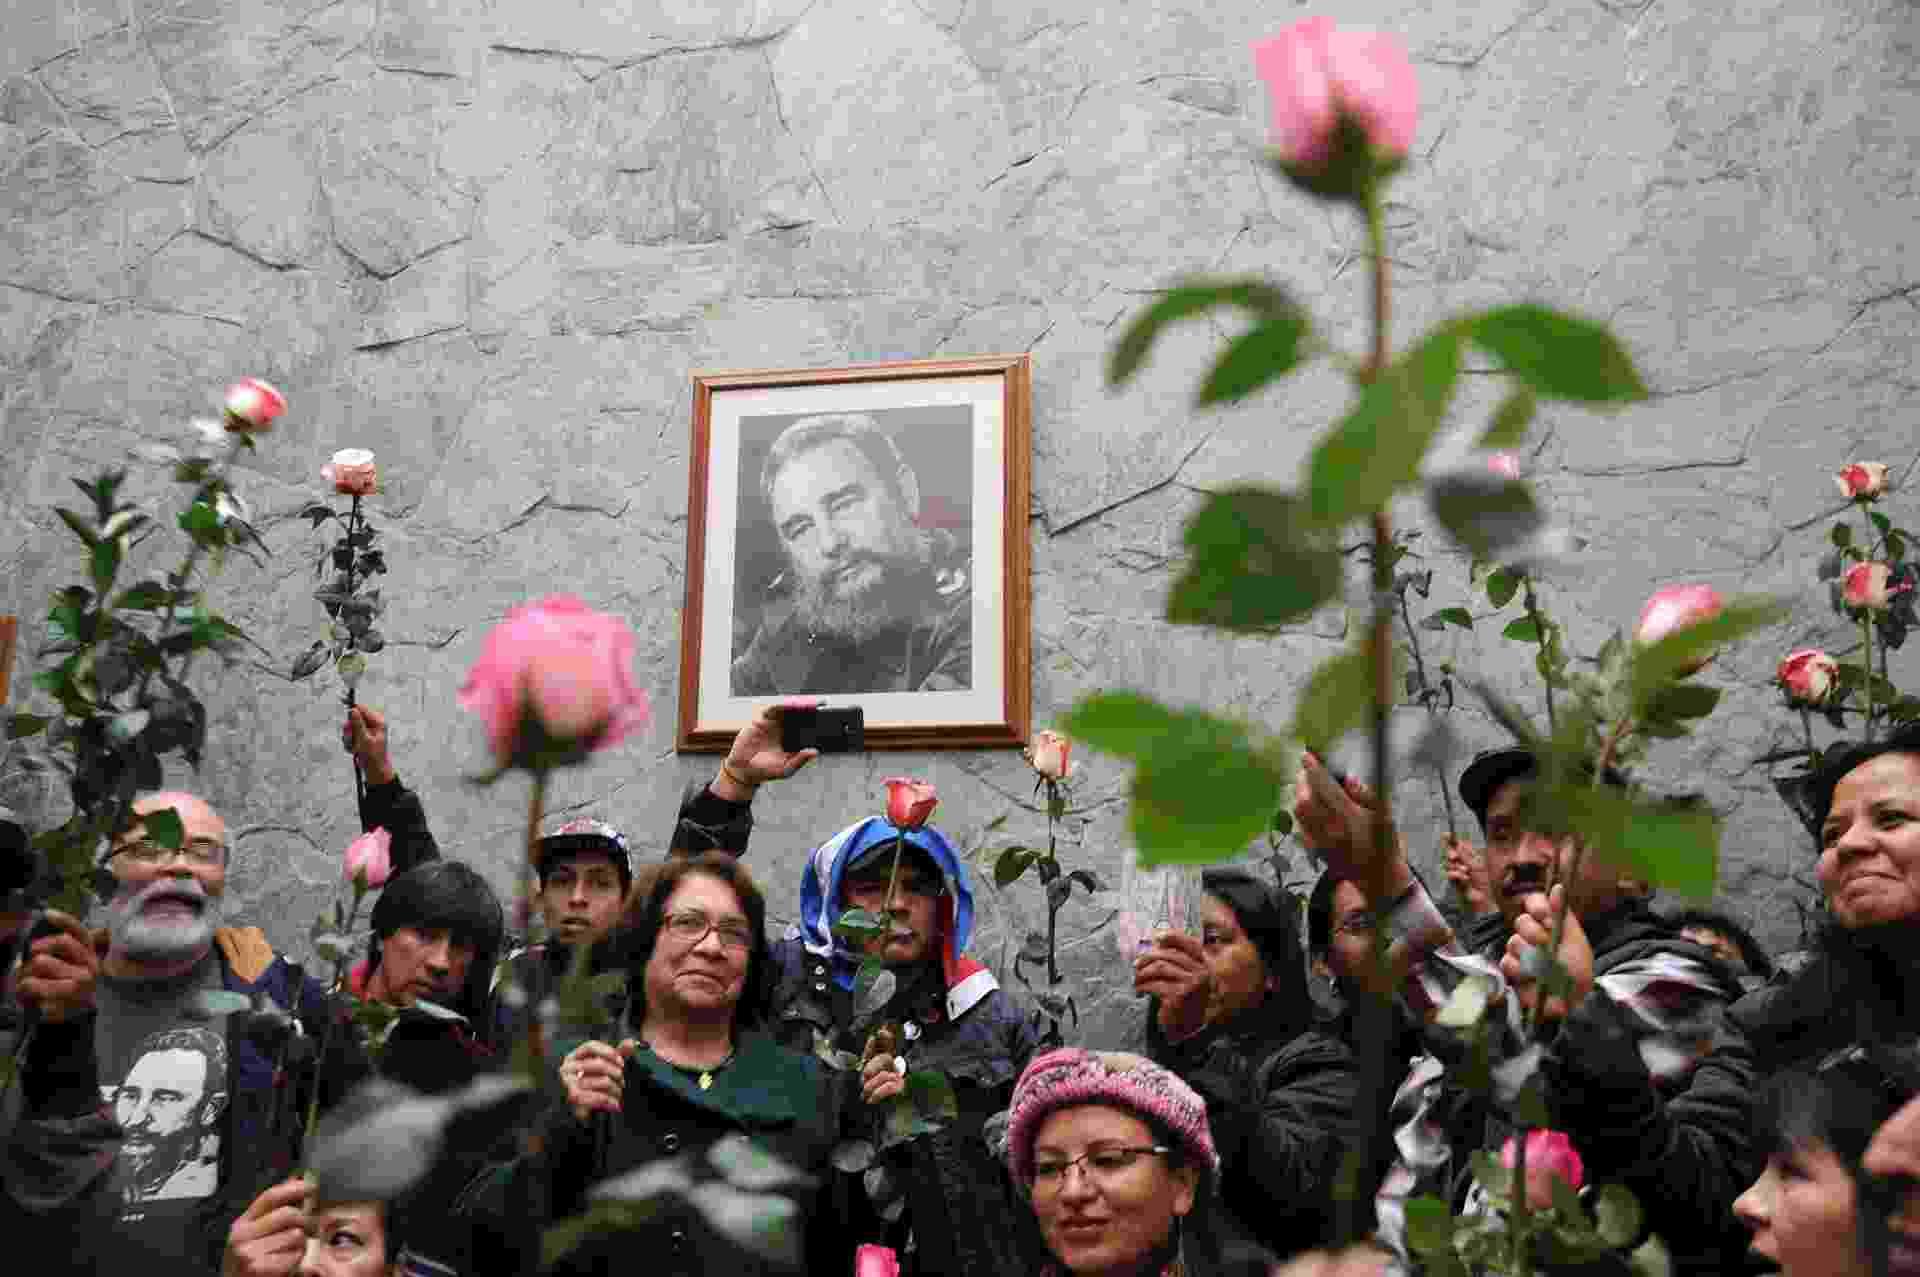 27.nov.2016 - Pessoas seguram rosas em frente a um porta-retrato de Fidel Castro na embaixada de Cuba na Colômbia - Guillermo Legaria/AFP